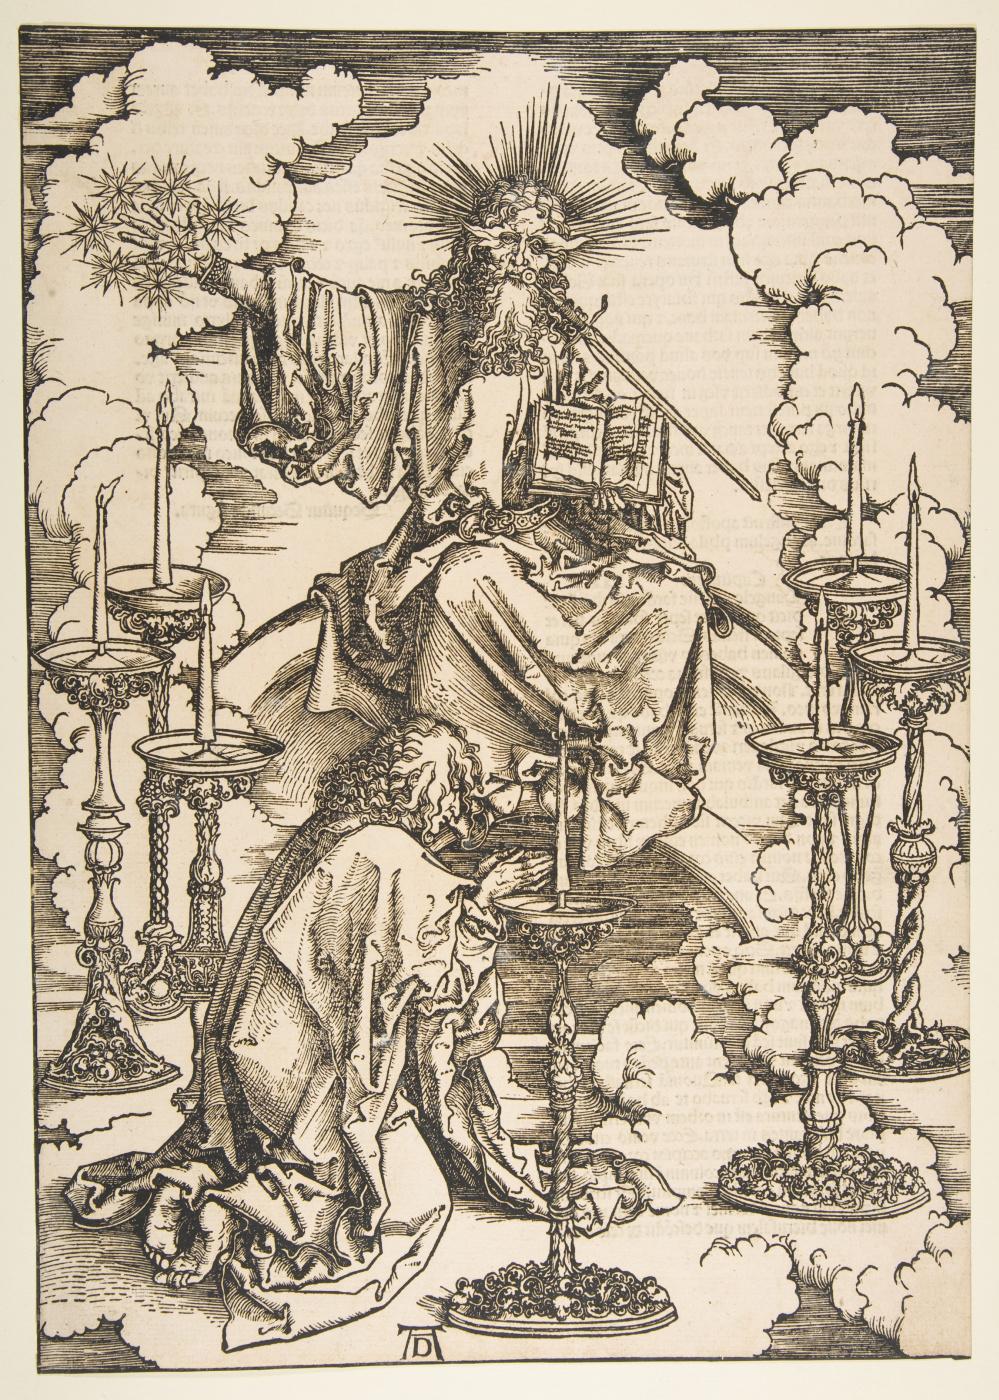 Albrecht Dürer. A vision by Saint John the seven lamps